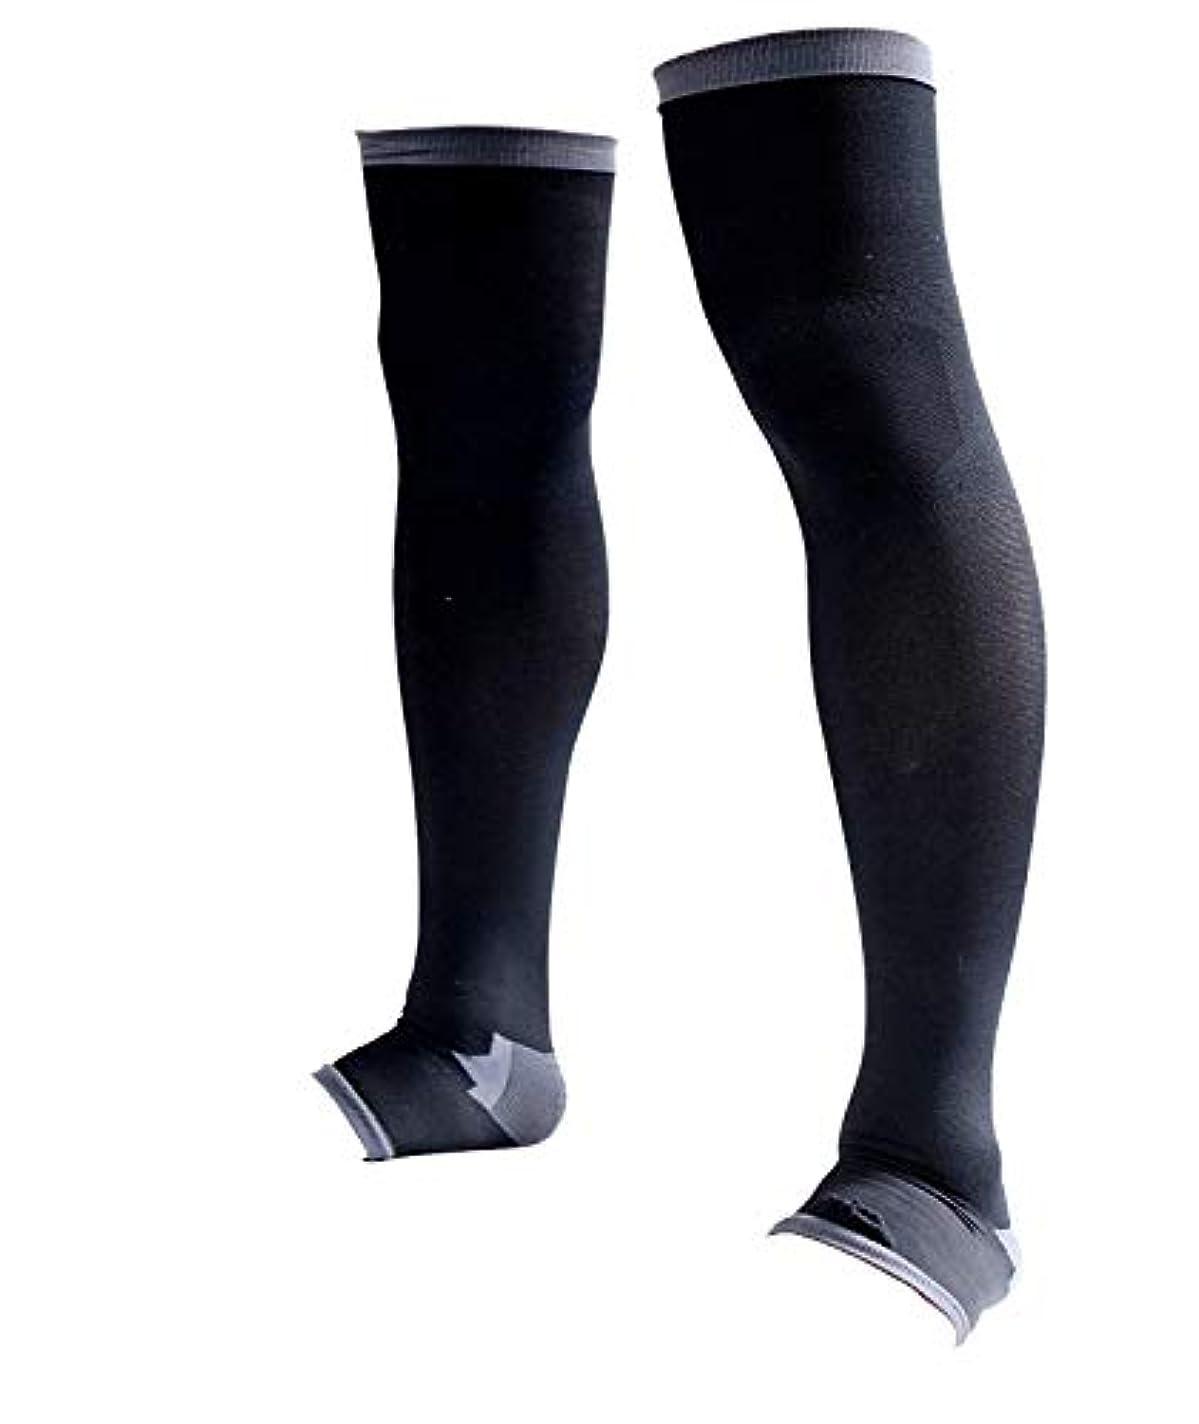 節約するアクションバランスのとれた男性専用脚すっきり対策オープントゥ着圧ソックス 膝上 M-L 順天堂大学客員教授推奨